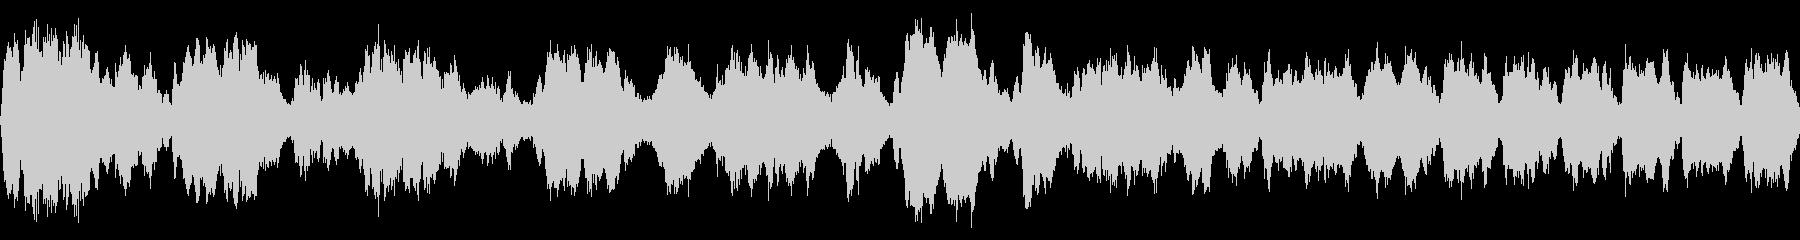 チャイコフスキー ドラマチック ループの未再生の波形